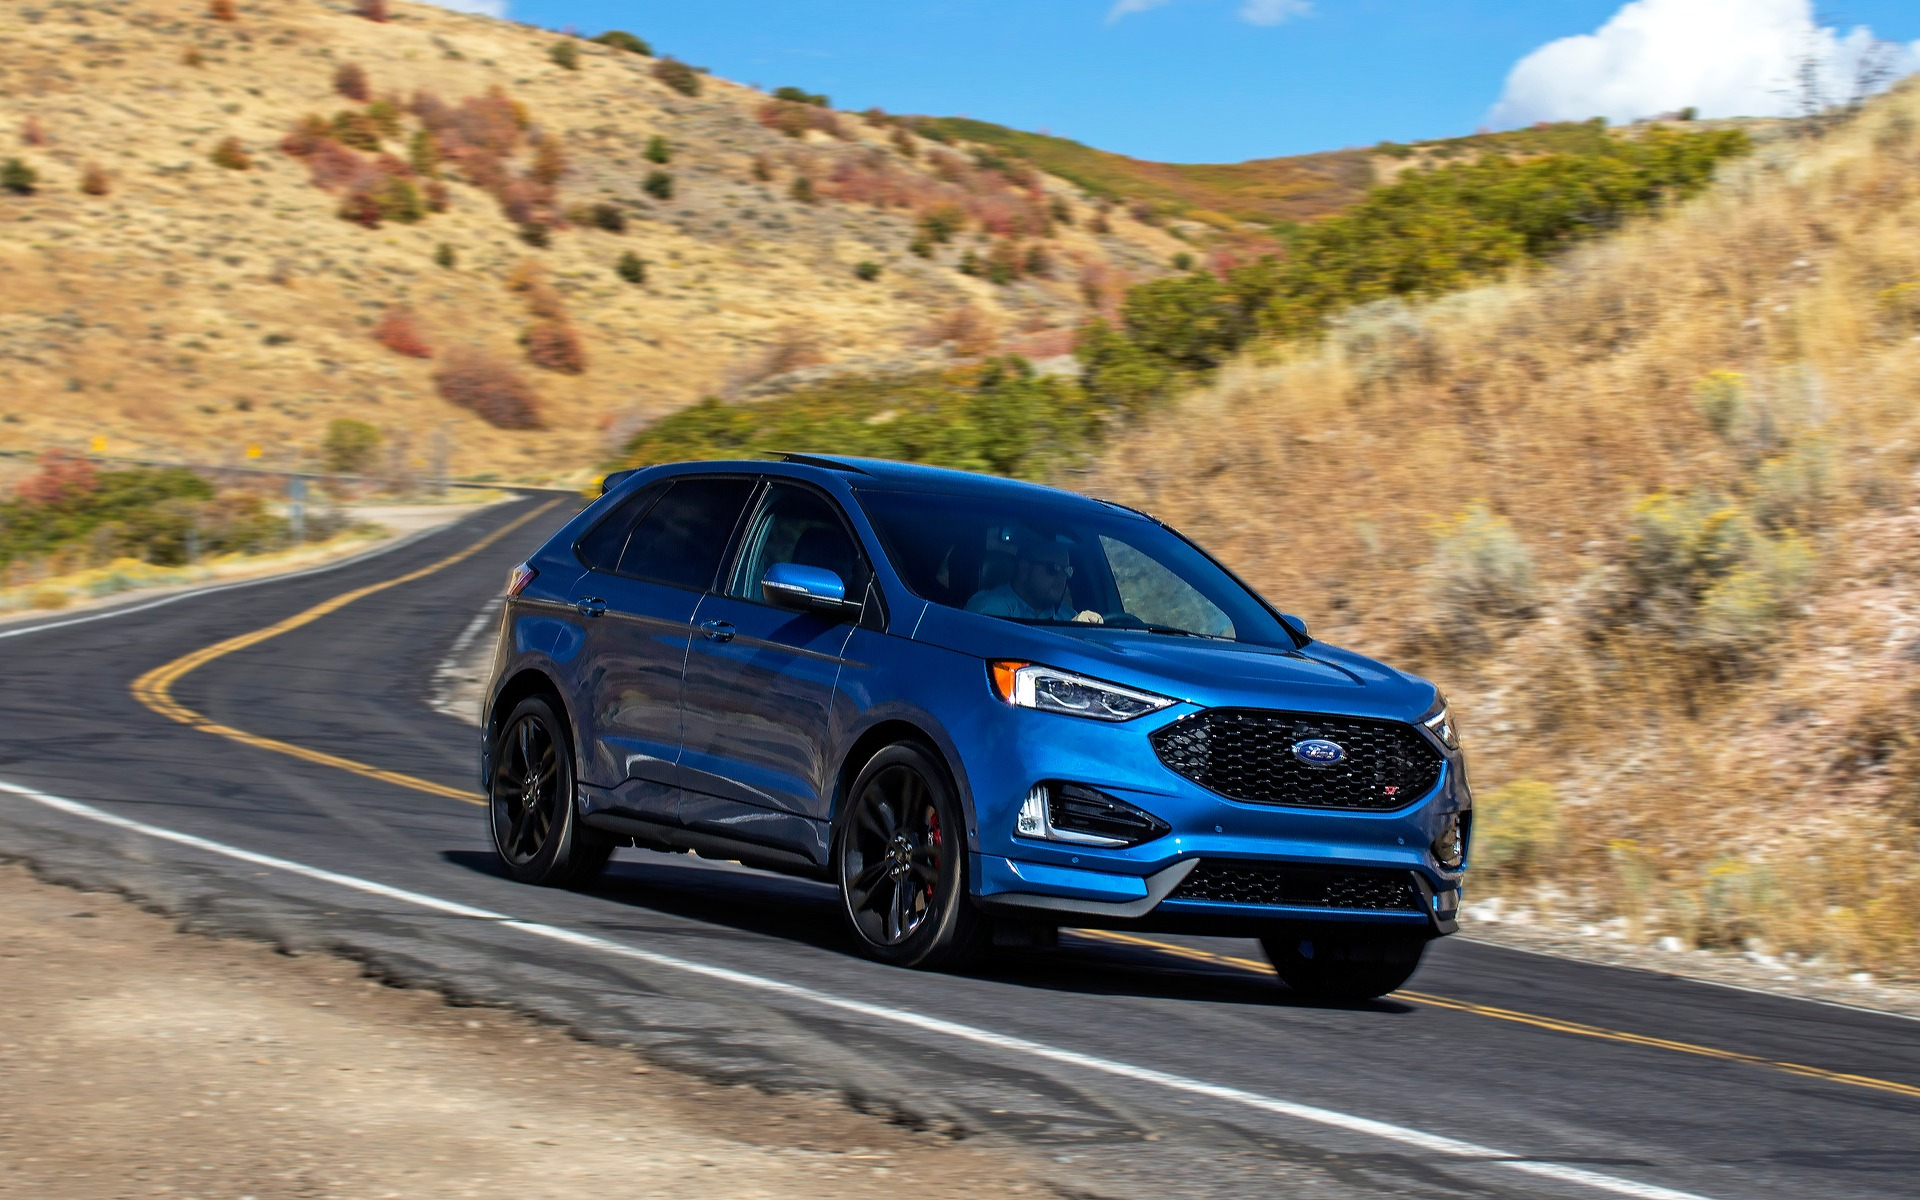 Ford Edge ST 2019 : nous en sommes rendus là 350503_Ford_Edge_ST_2019_quand_le_marketing_prend_la_releve